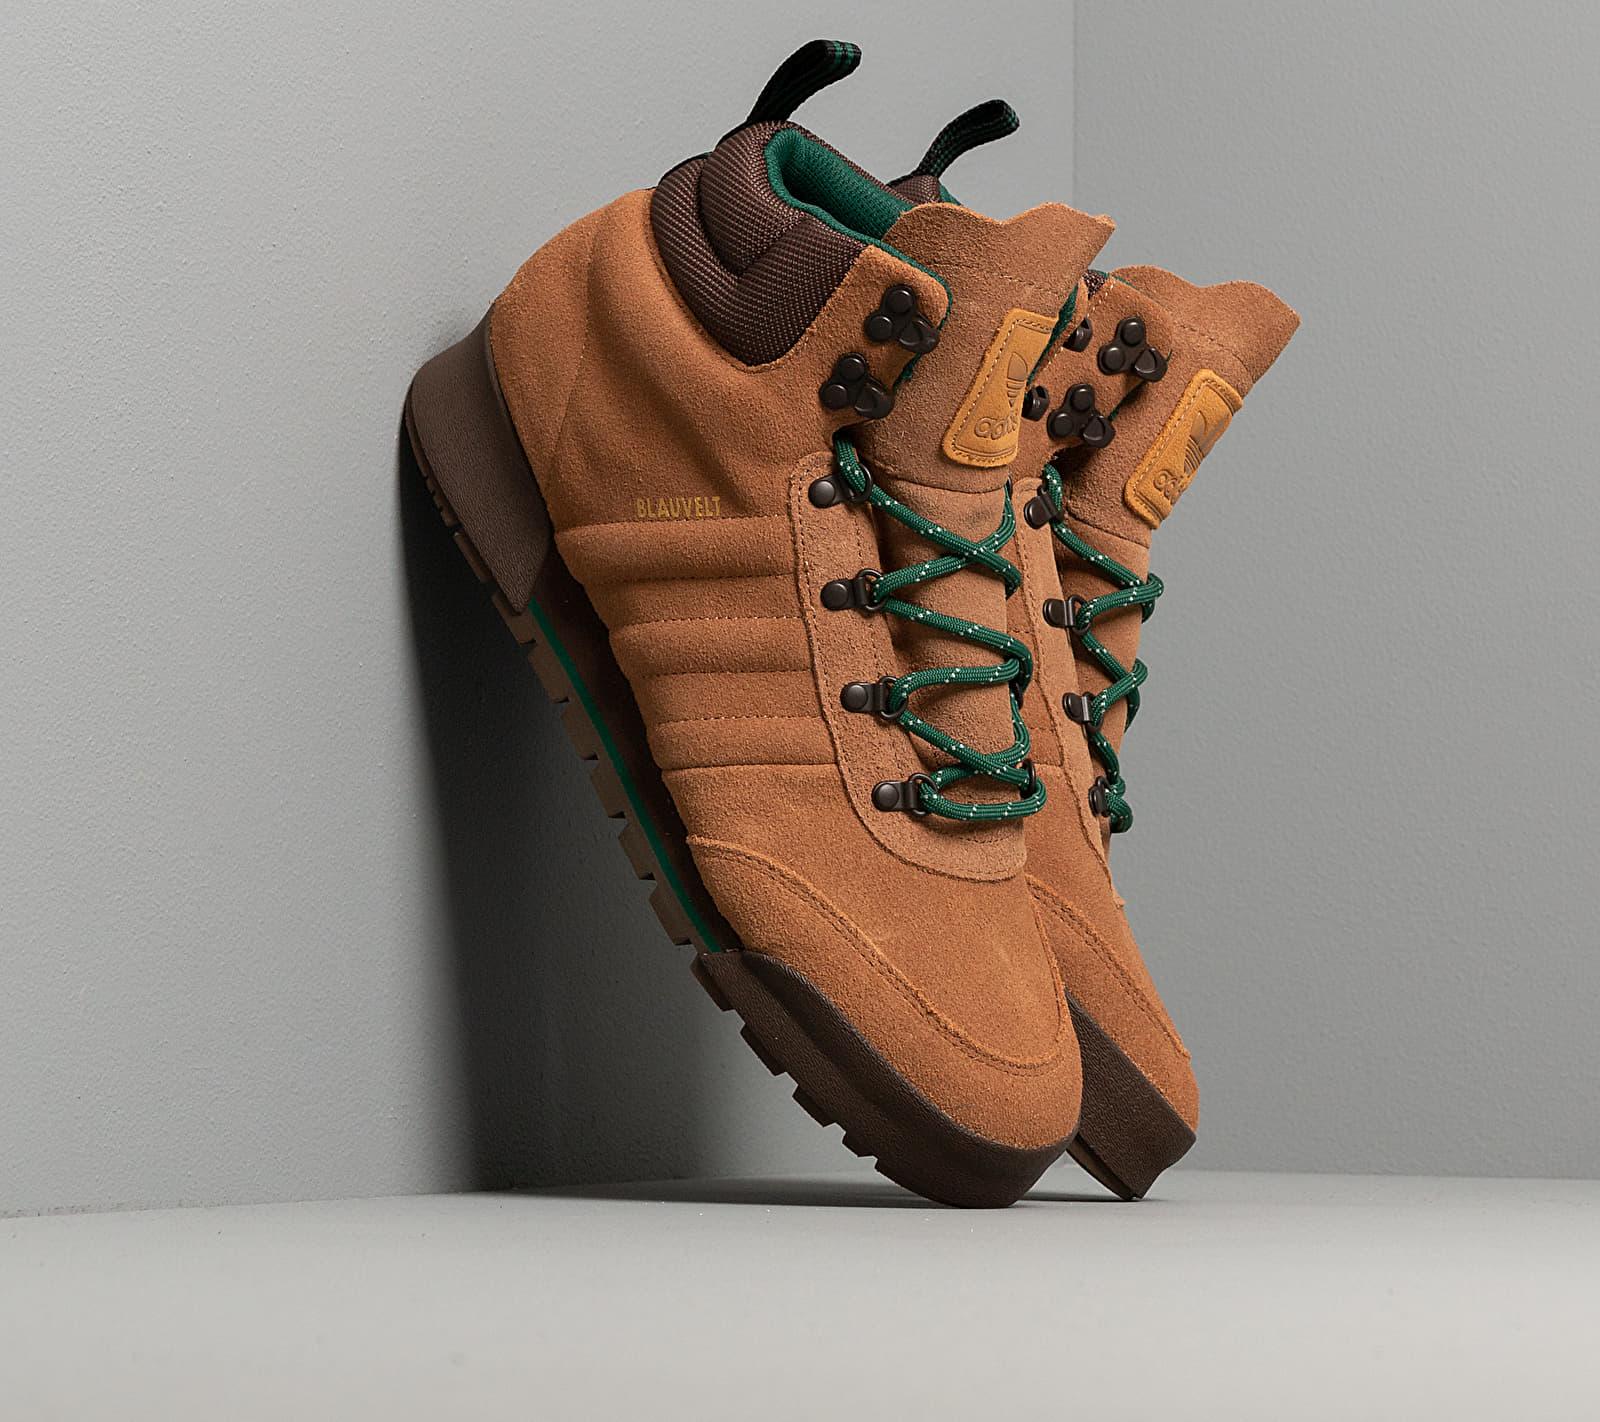 adidas EQT Bask ADV 9118 79$ | B37518 |